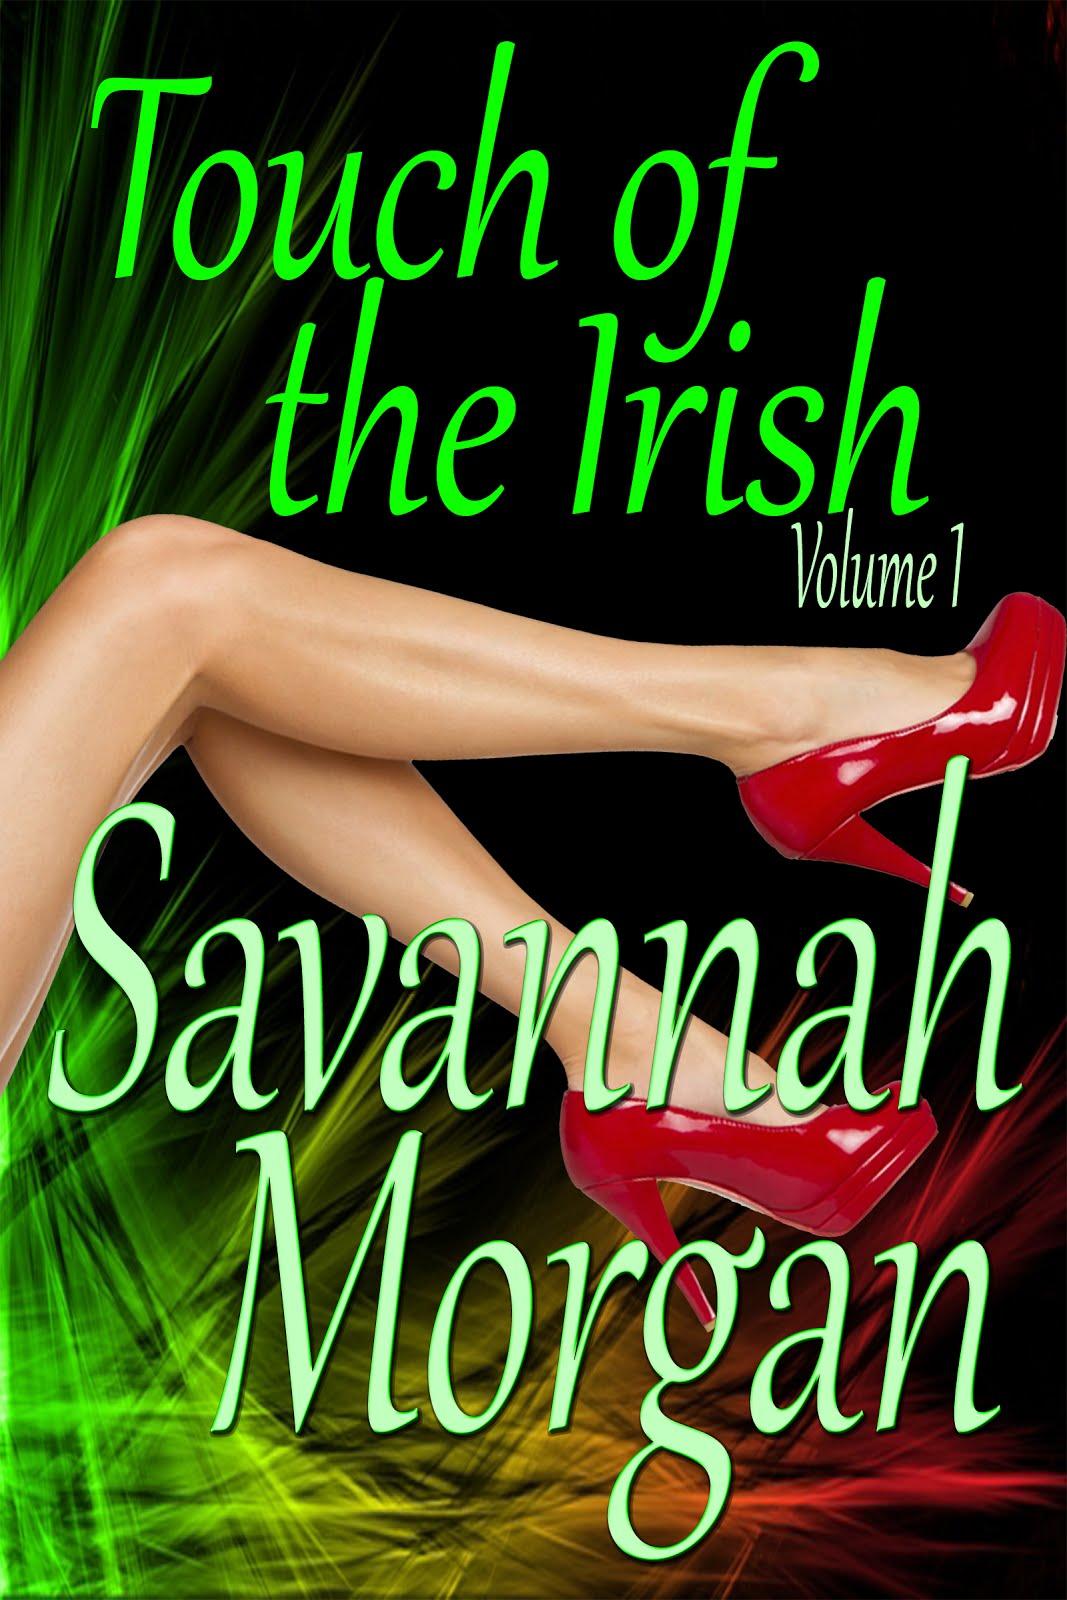 Savannah Morgan